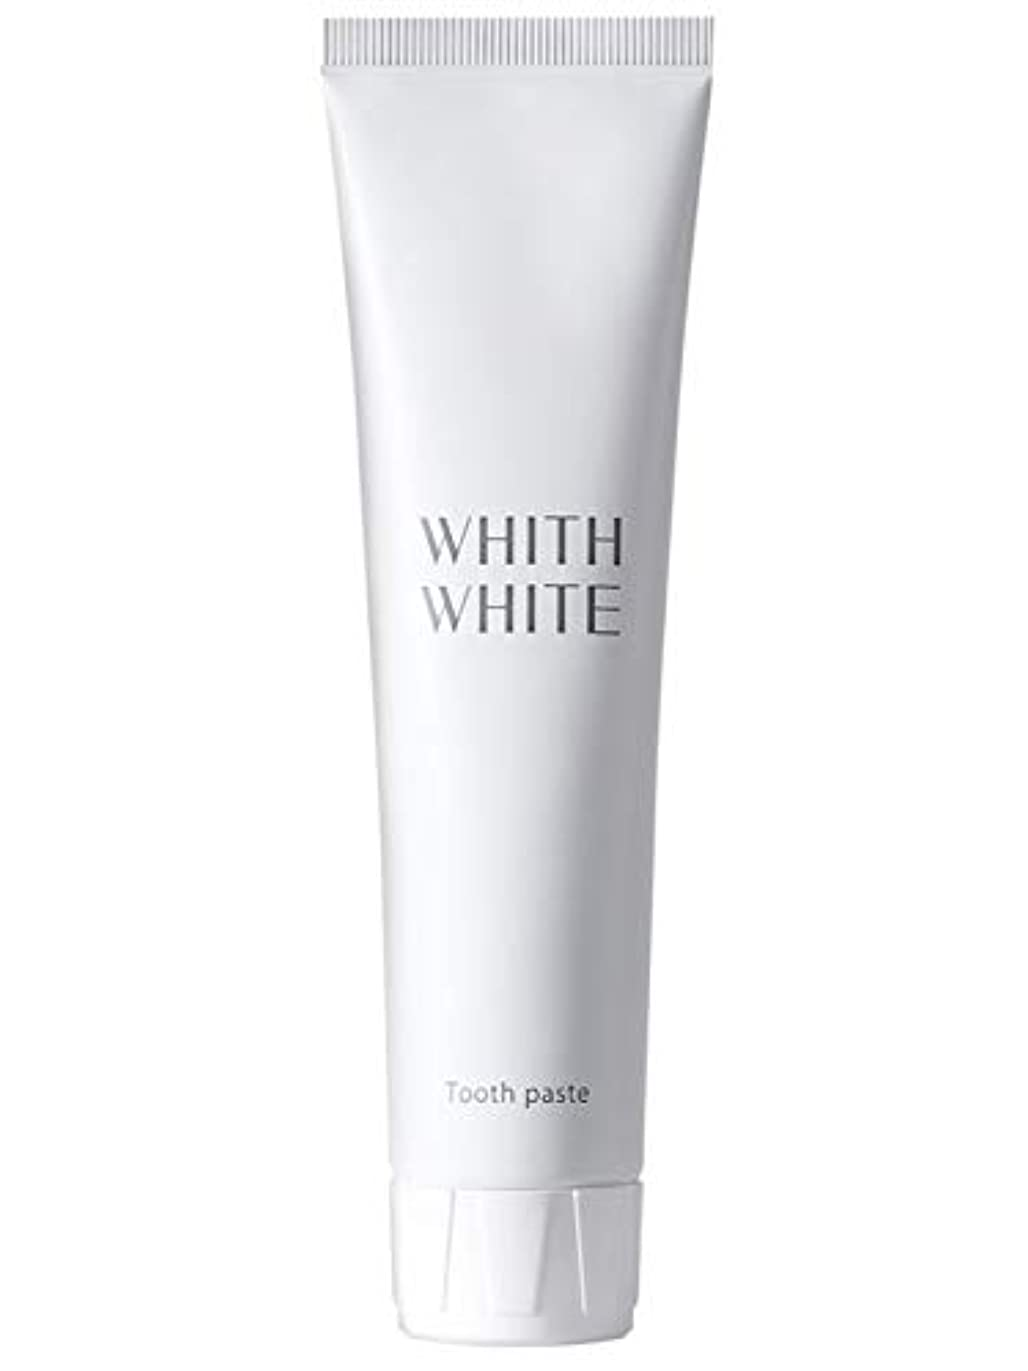 ホワイトニング 歯磨き粉 フィス ホワイト 医薬部外品 薬用 歯磨き 【 歯周病 口臭予防 フッ素 キシリトール 配合 】「 歯 を 白く する はみがき粉 」「 子供 にも使える 大人 こども 日本製 120g 」